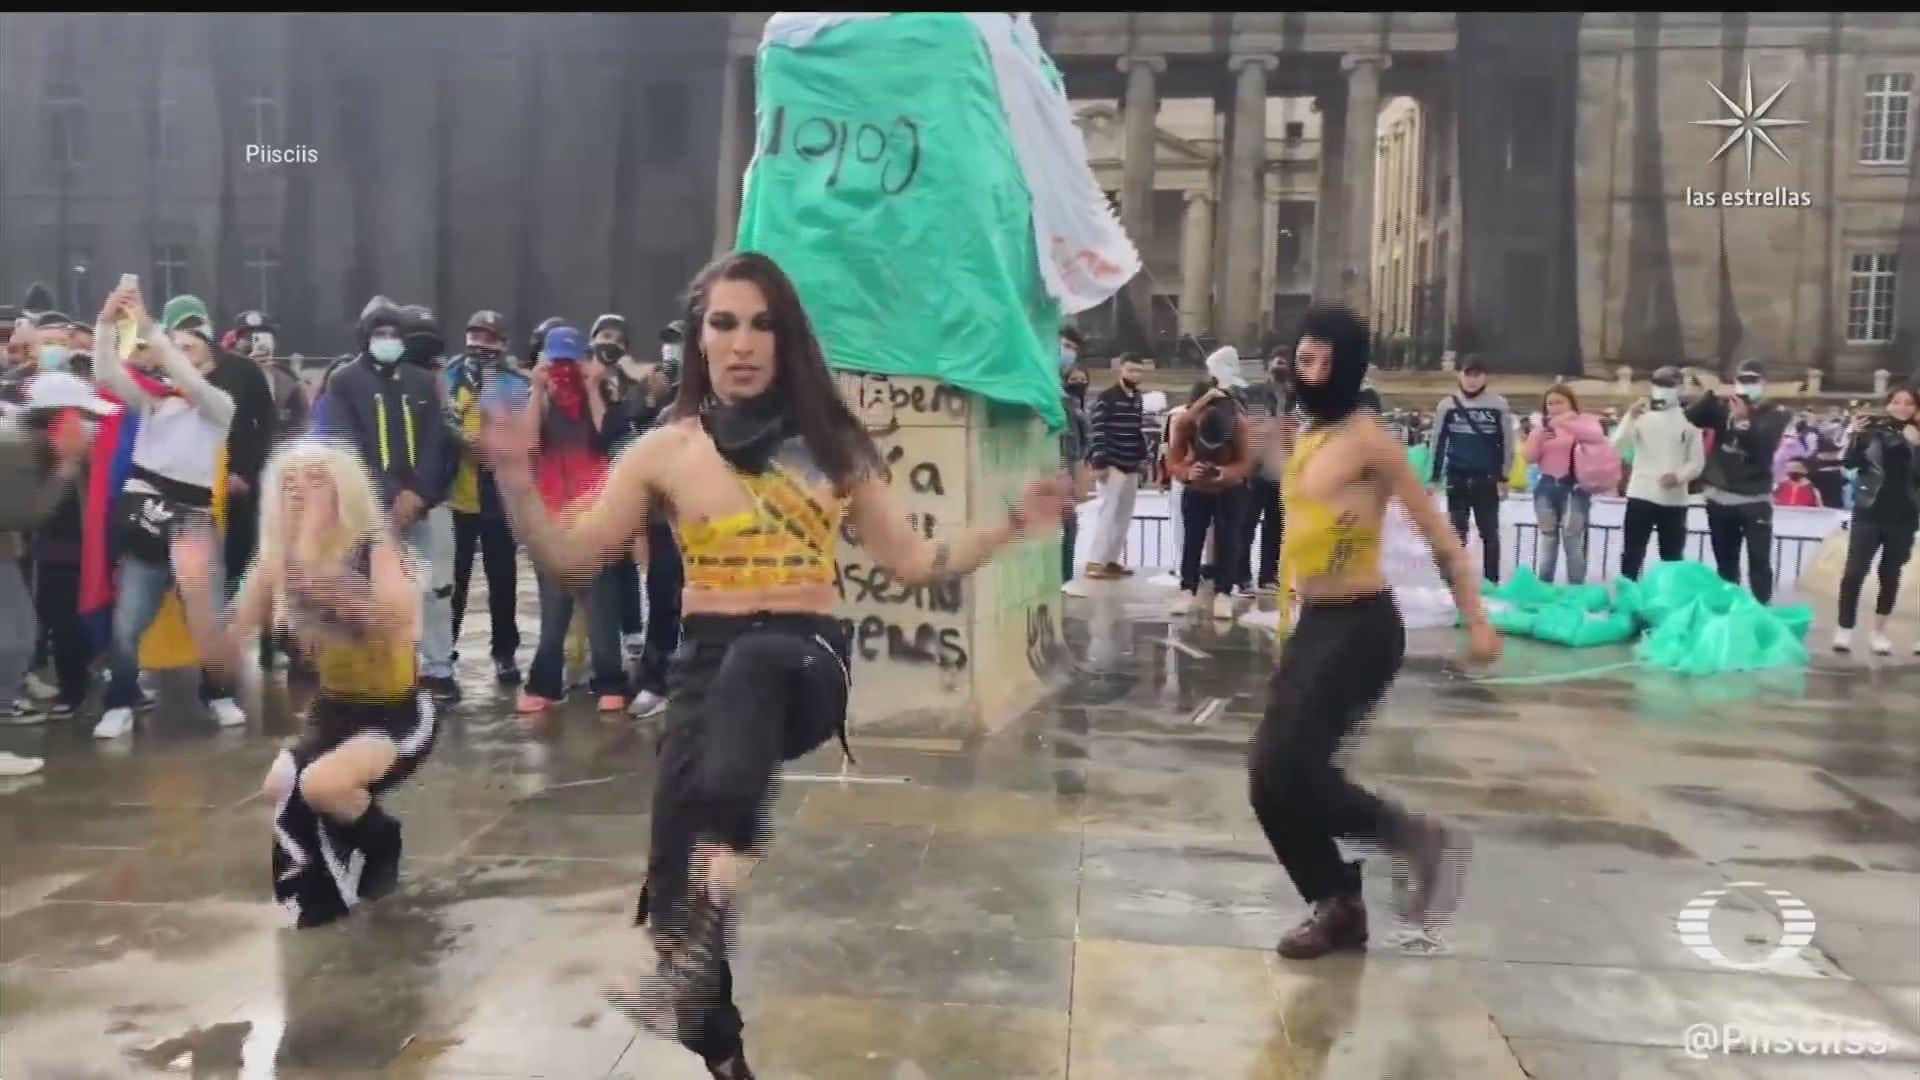 bailarinas transgenero icono de las manifestaciones en colombia